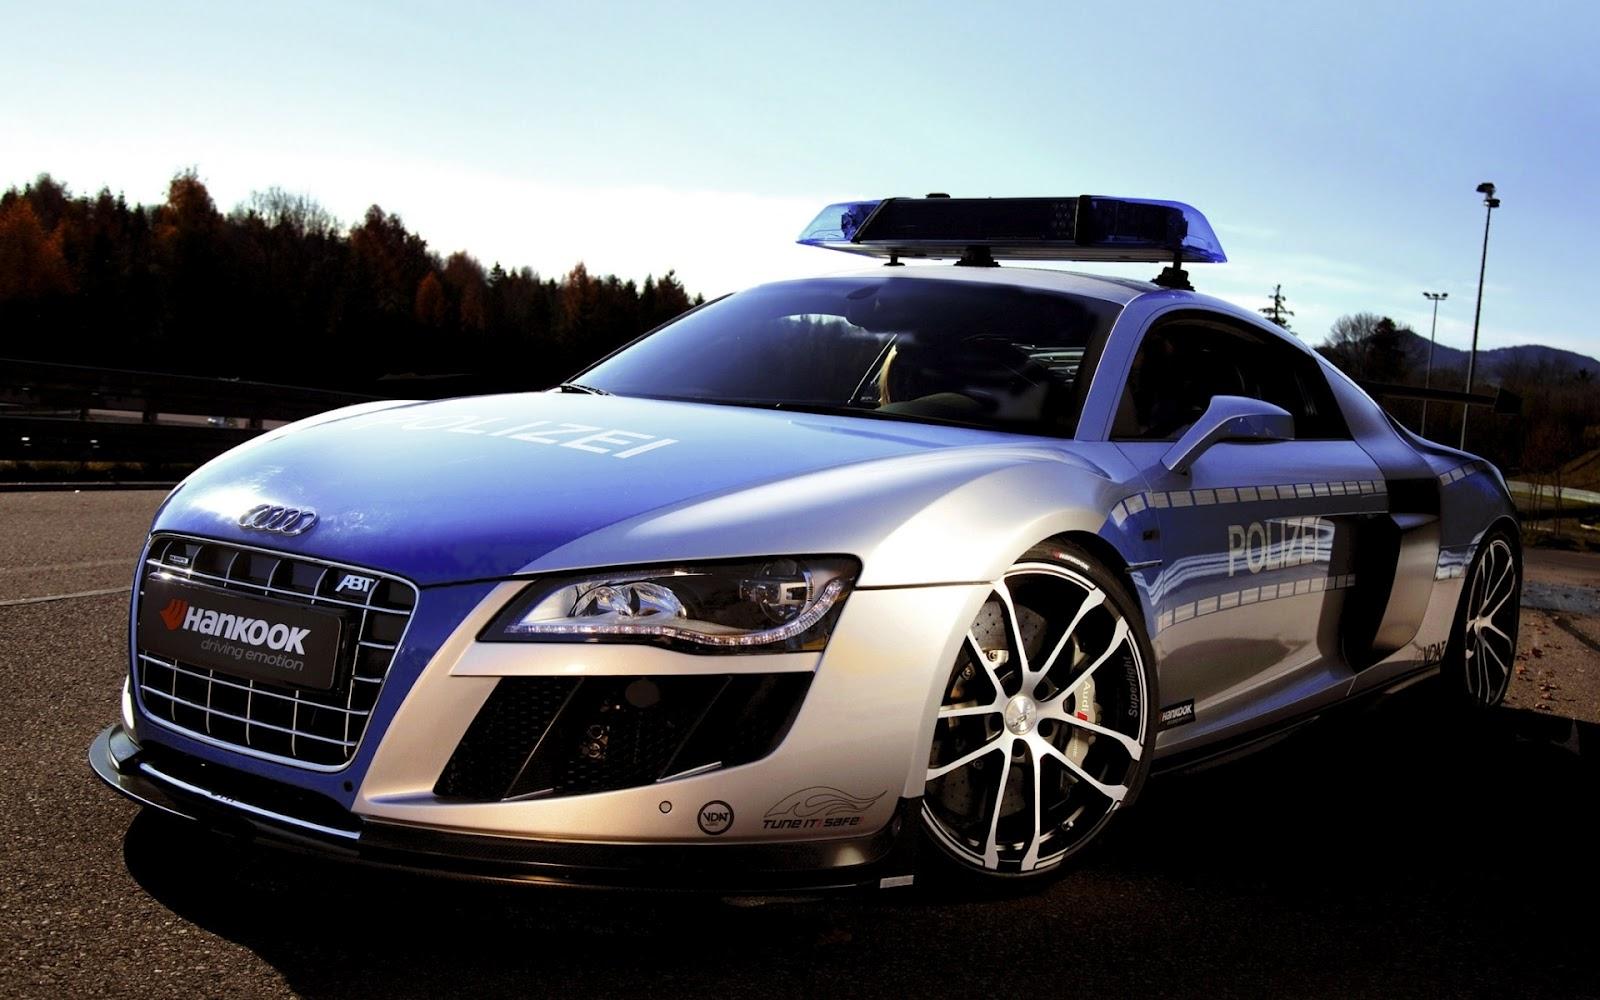 http://4.bp.blogspot.com/-MlrnDBRKJuM/T6K5DQ72ZVI/AAAAAAAAbrI/_yQBh_HxetI/s1600/Audi-R8-V10_Wallpapers_03.jpg